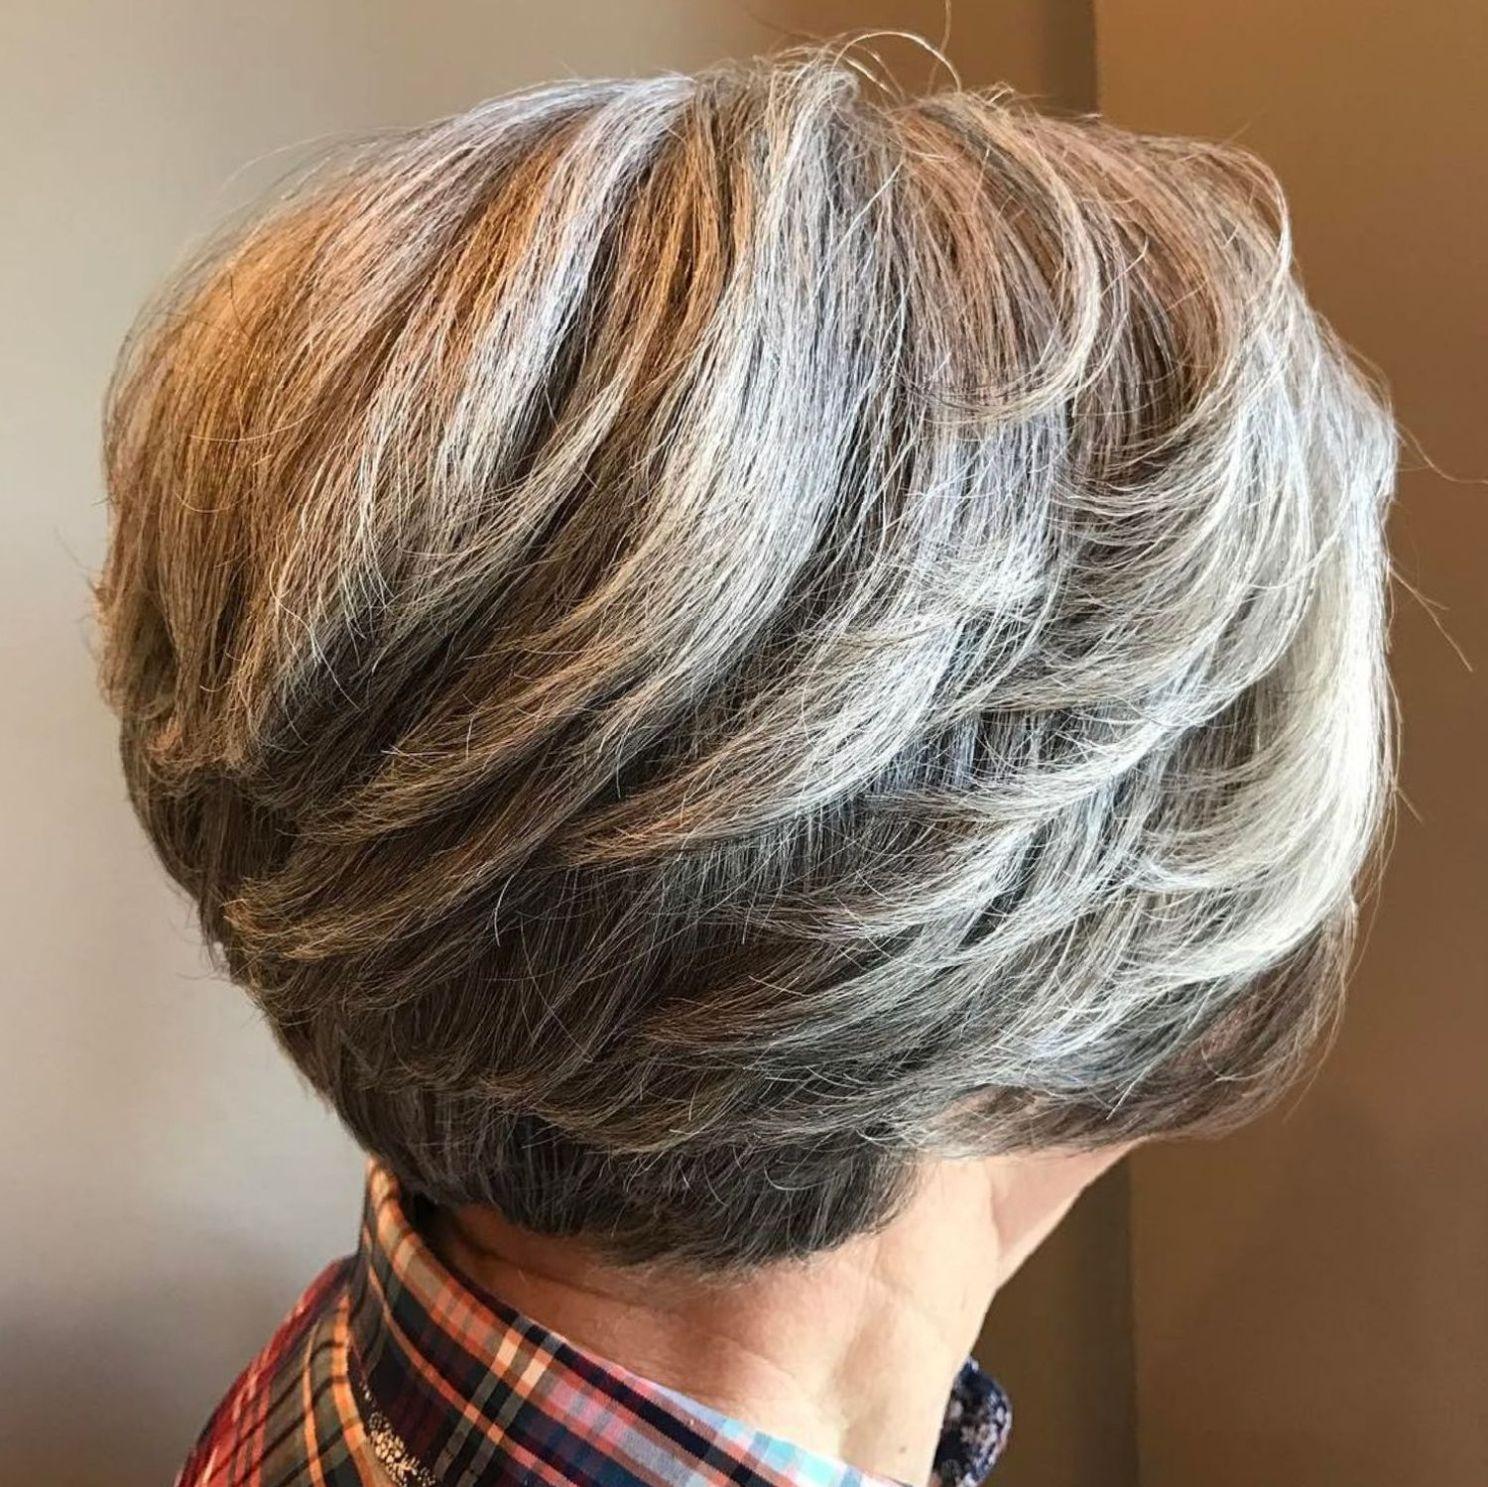 короткие стрижки для пожилых женщин фото 3